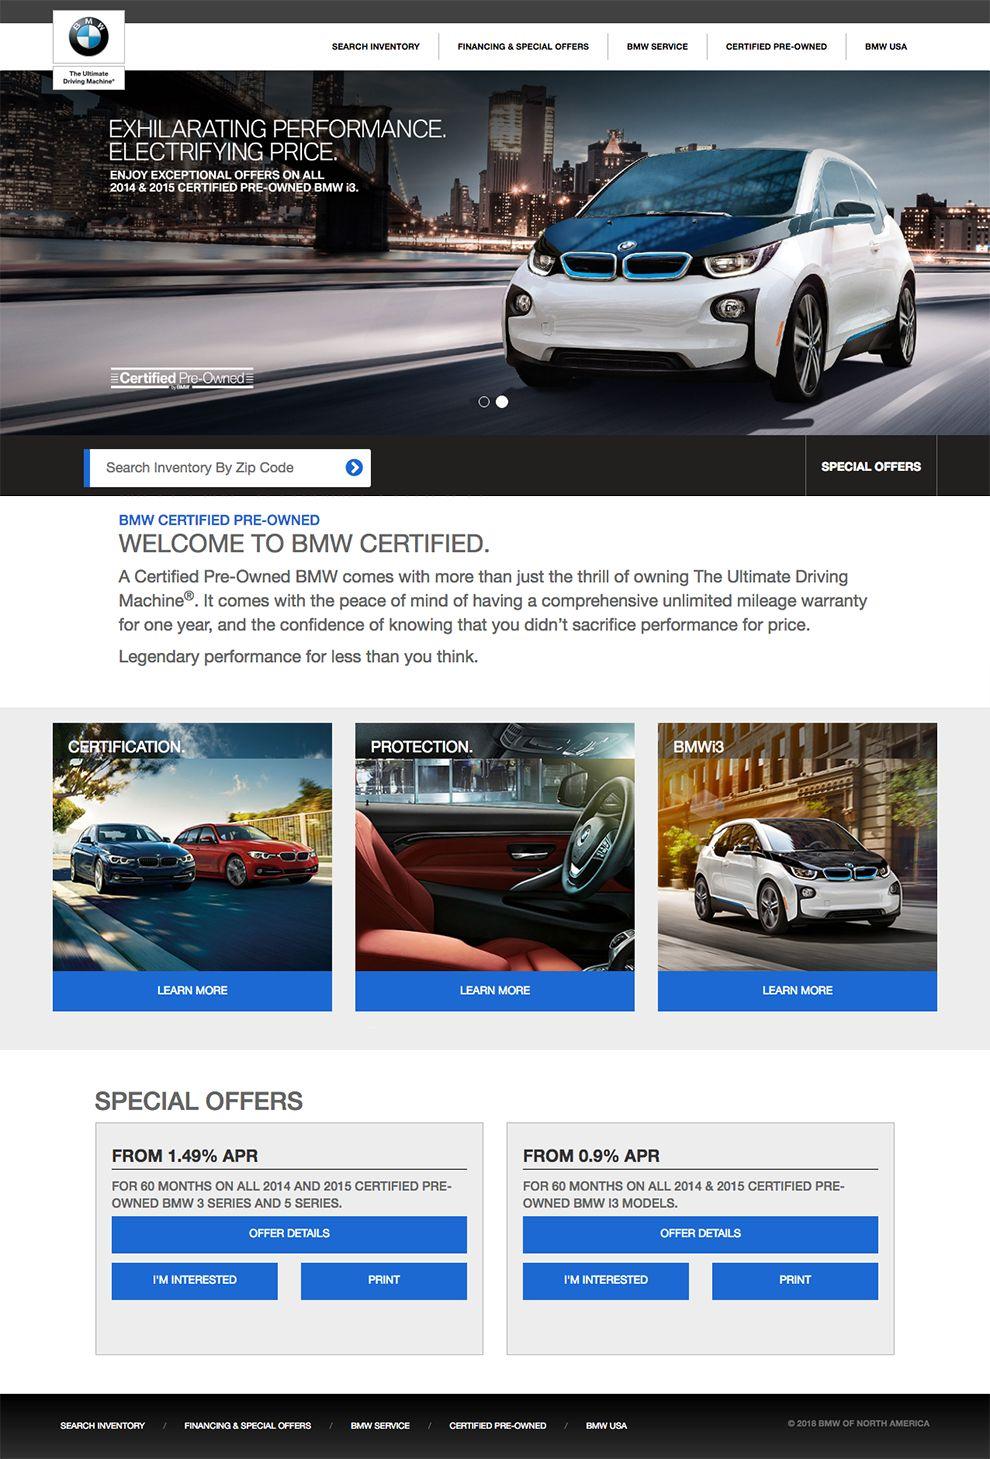 BMW USA Sleek Product Page Design